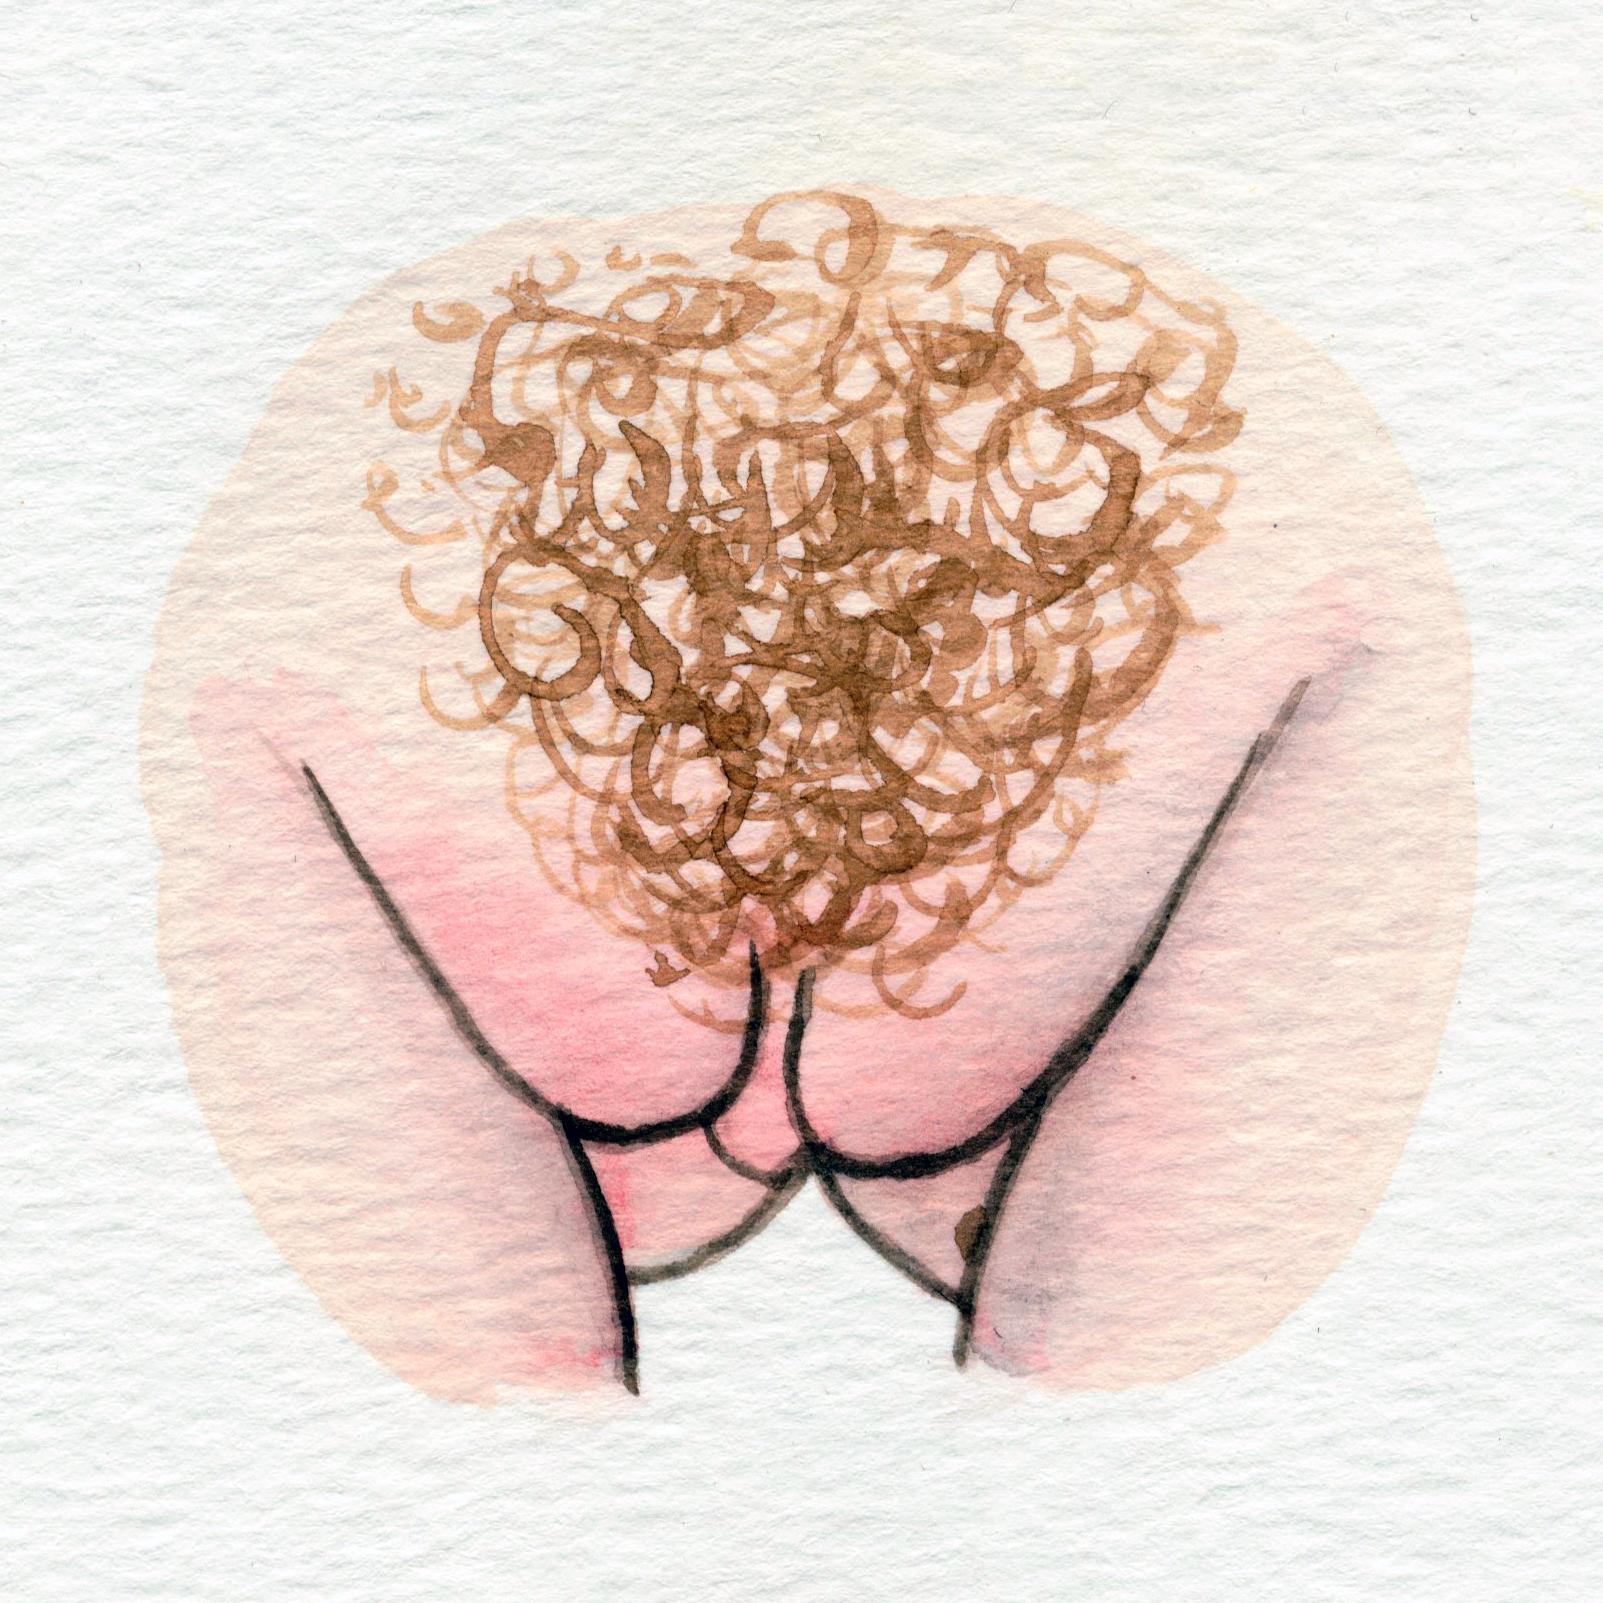 The Vulva Gallery - Vulva Portrait #170.jpg